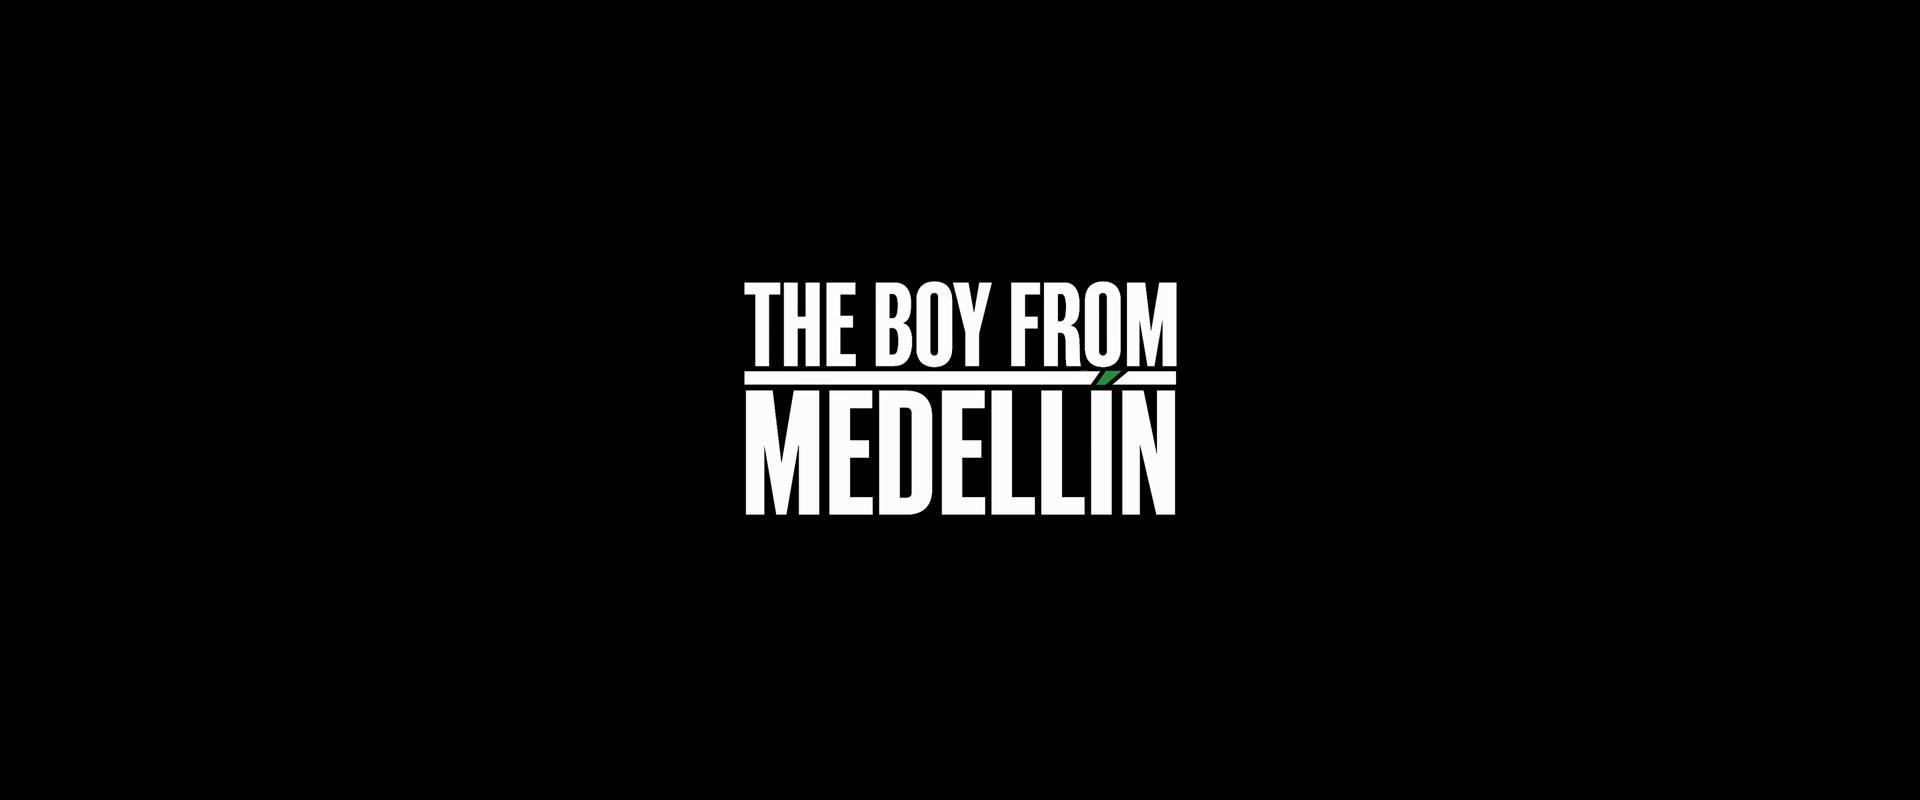 El niño de Medellín (2020) 1080p WEB-DL AMZN Latino